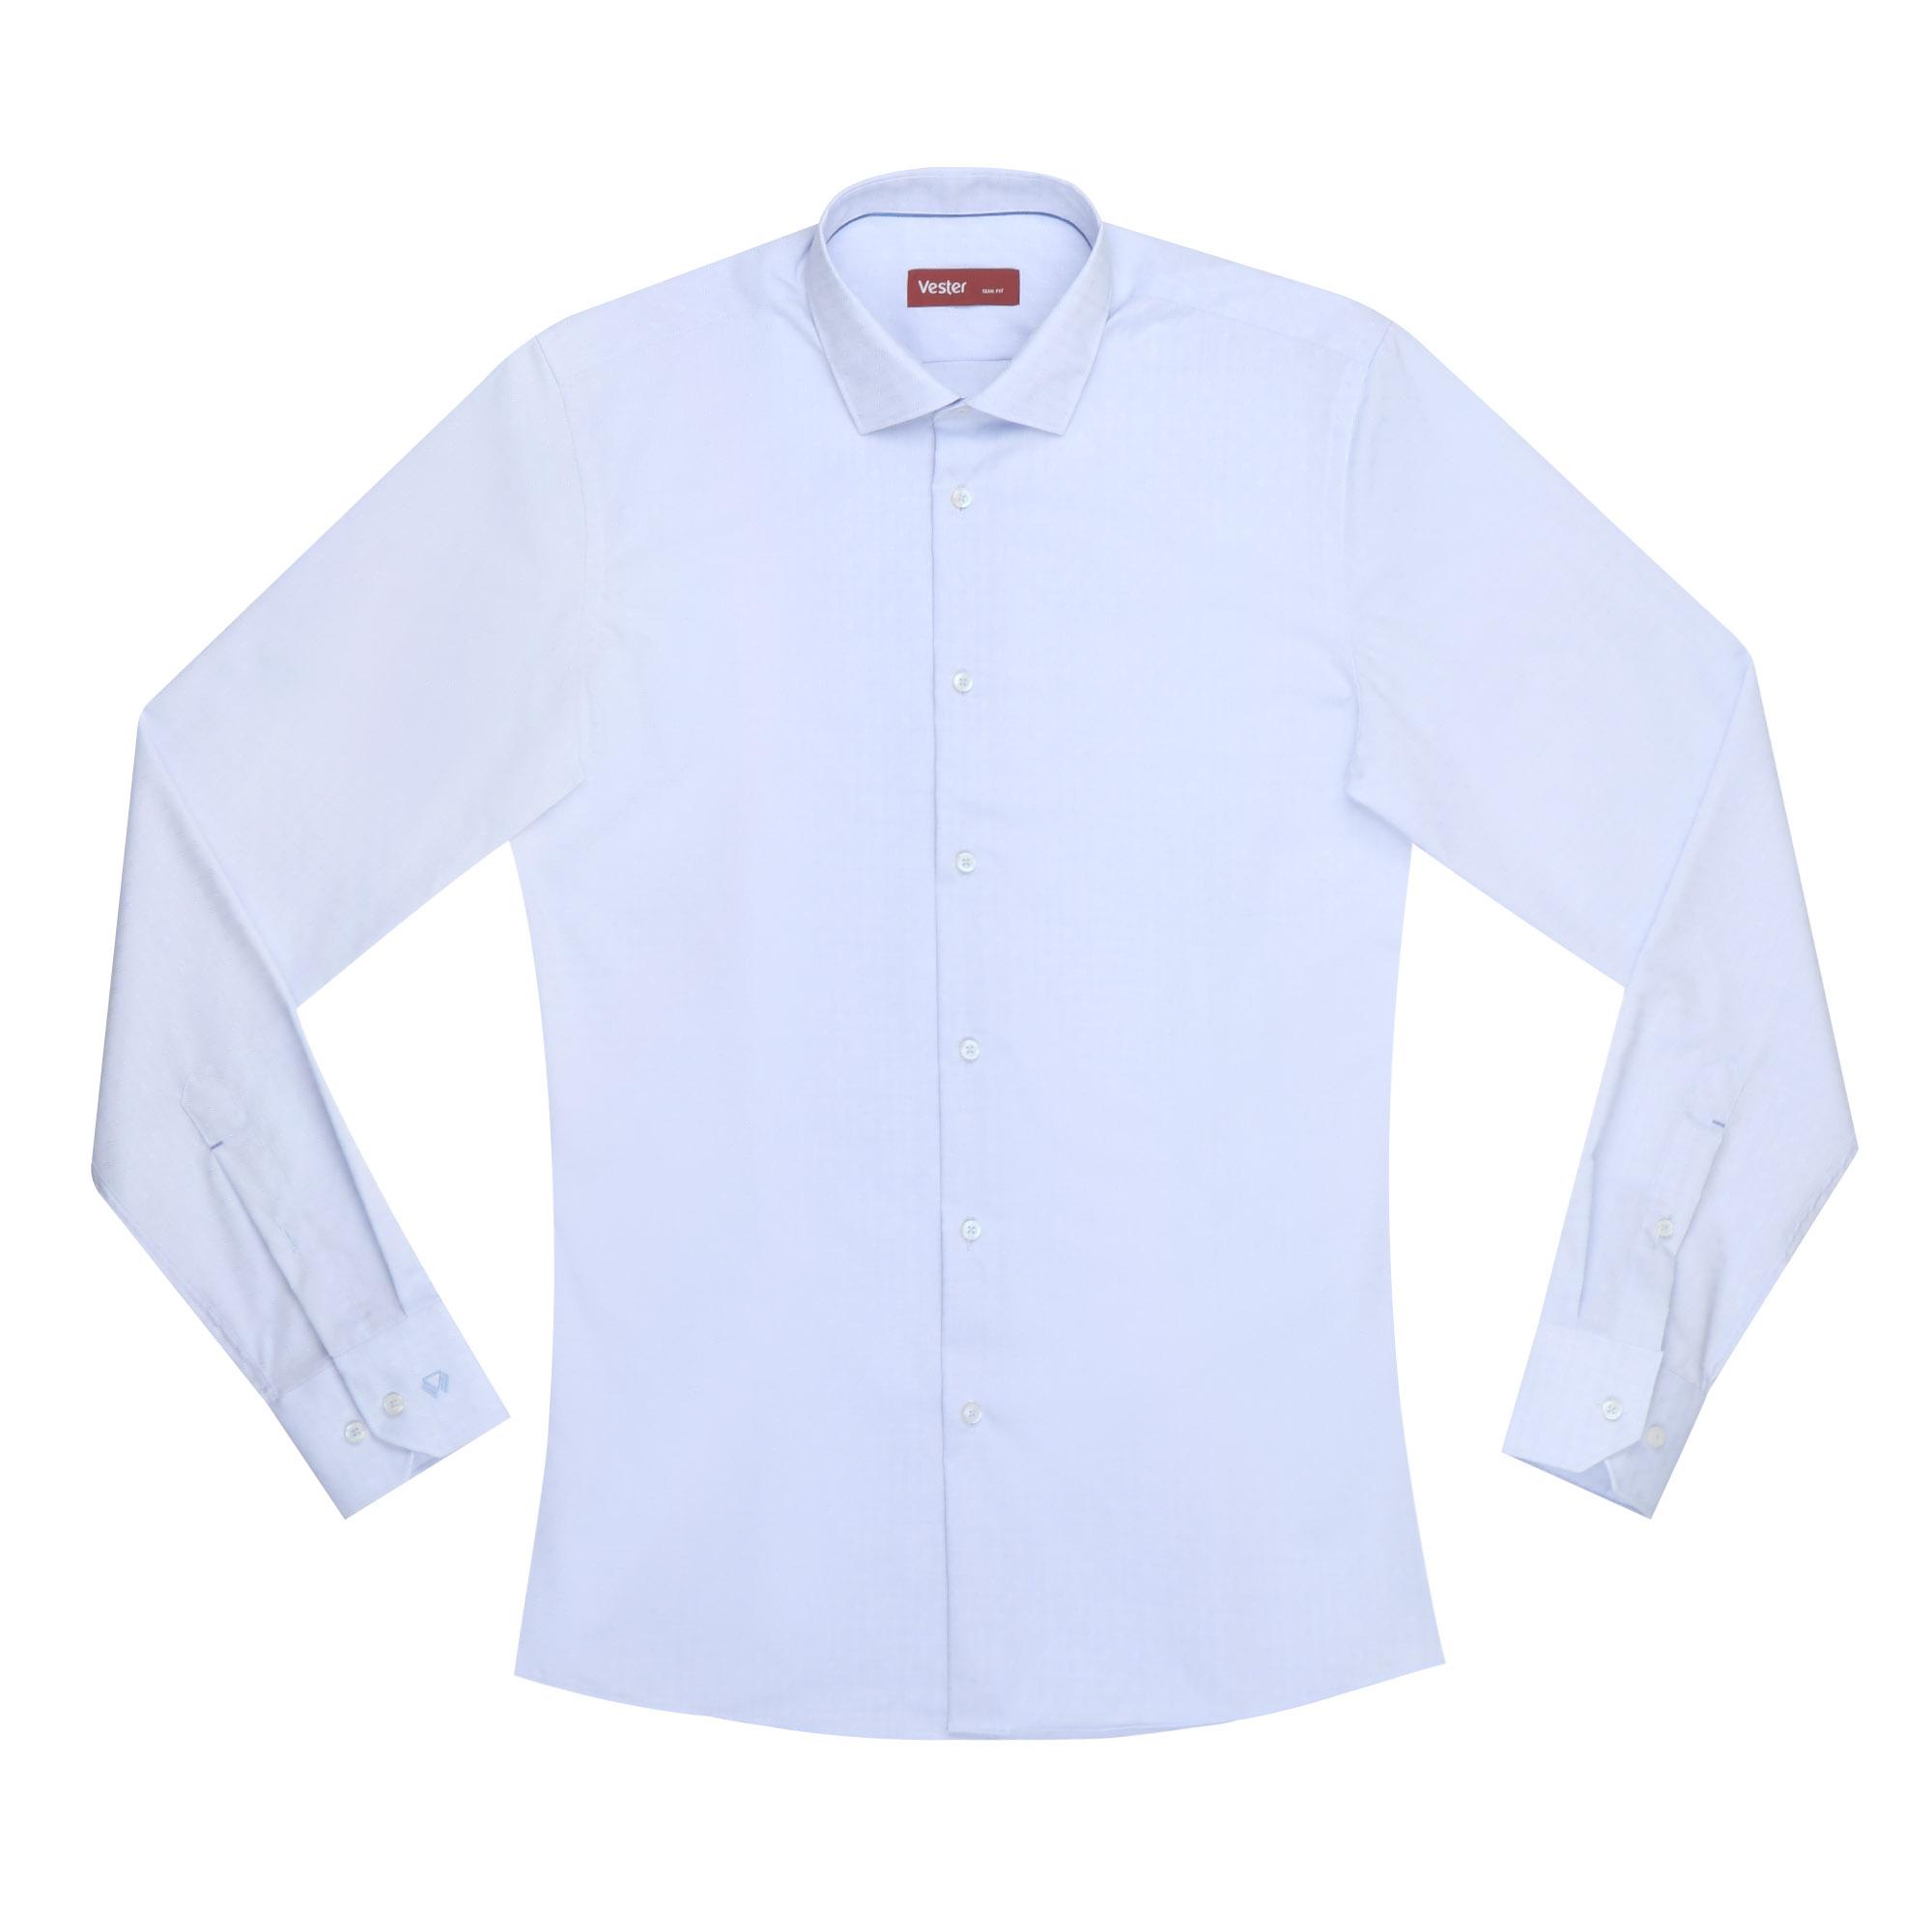 Сорочка мужская Vester 18816 голубая 39S 182-188 сорочка мужская vester 43с 182 188 небесно голубая